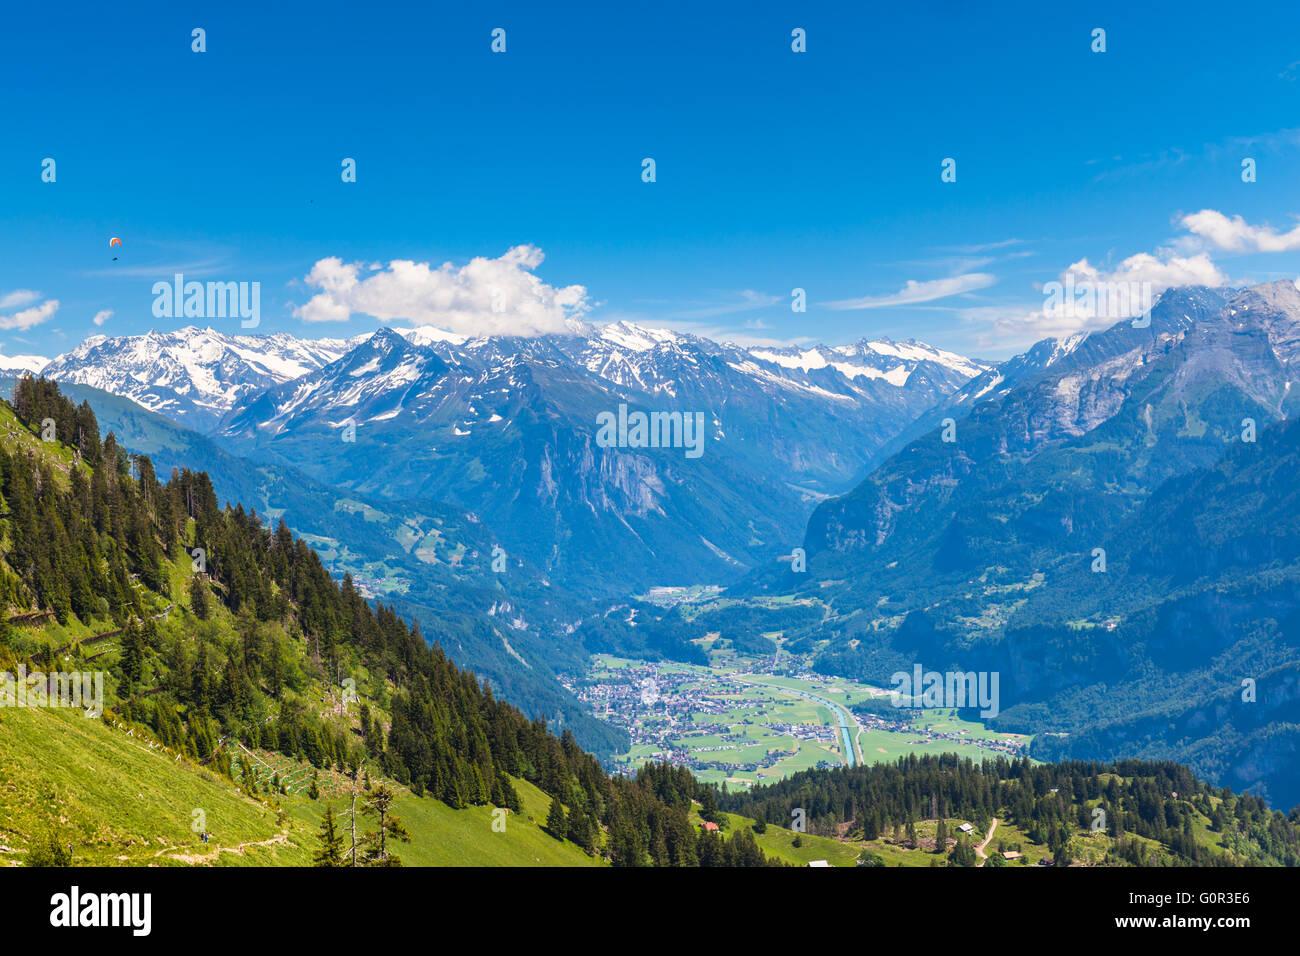 Vue panoramique sur le chemin de randonnée sur l'Oberland bernois avec montagne de l'Alpes, Suisse. Photo Stock